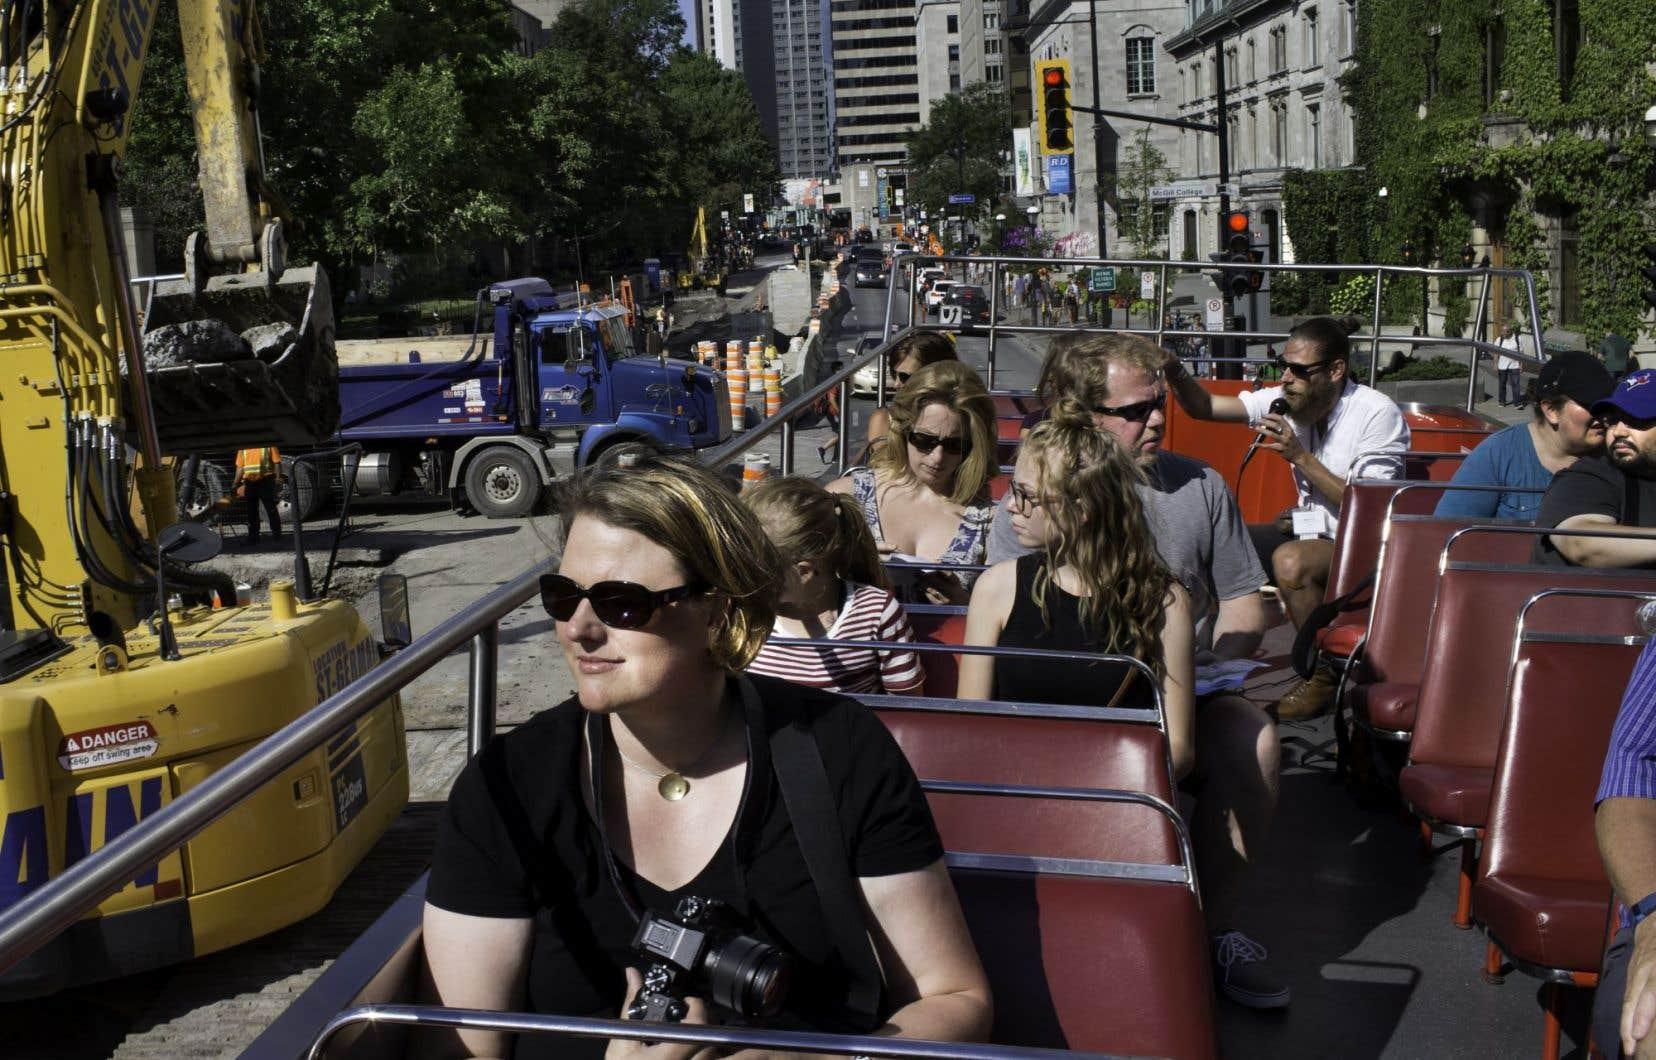 <p>Les 25-34 ans ne formaient que 12,6% des touristes américains en 2012 et forment maintenant 18% de ces visiteurs.</p>